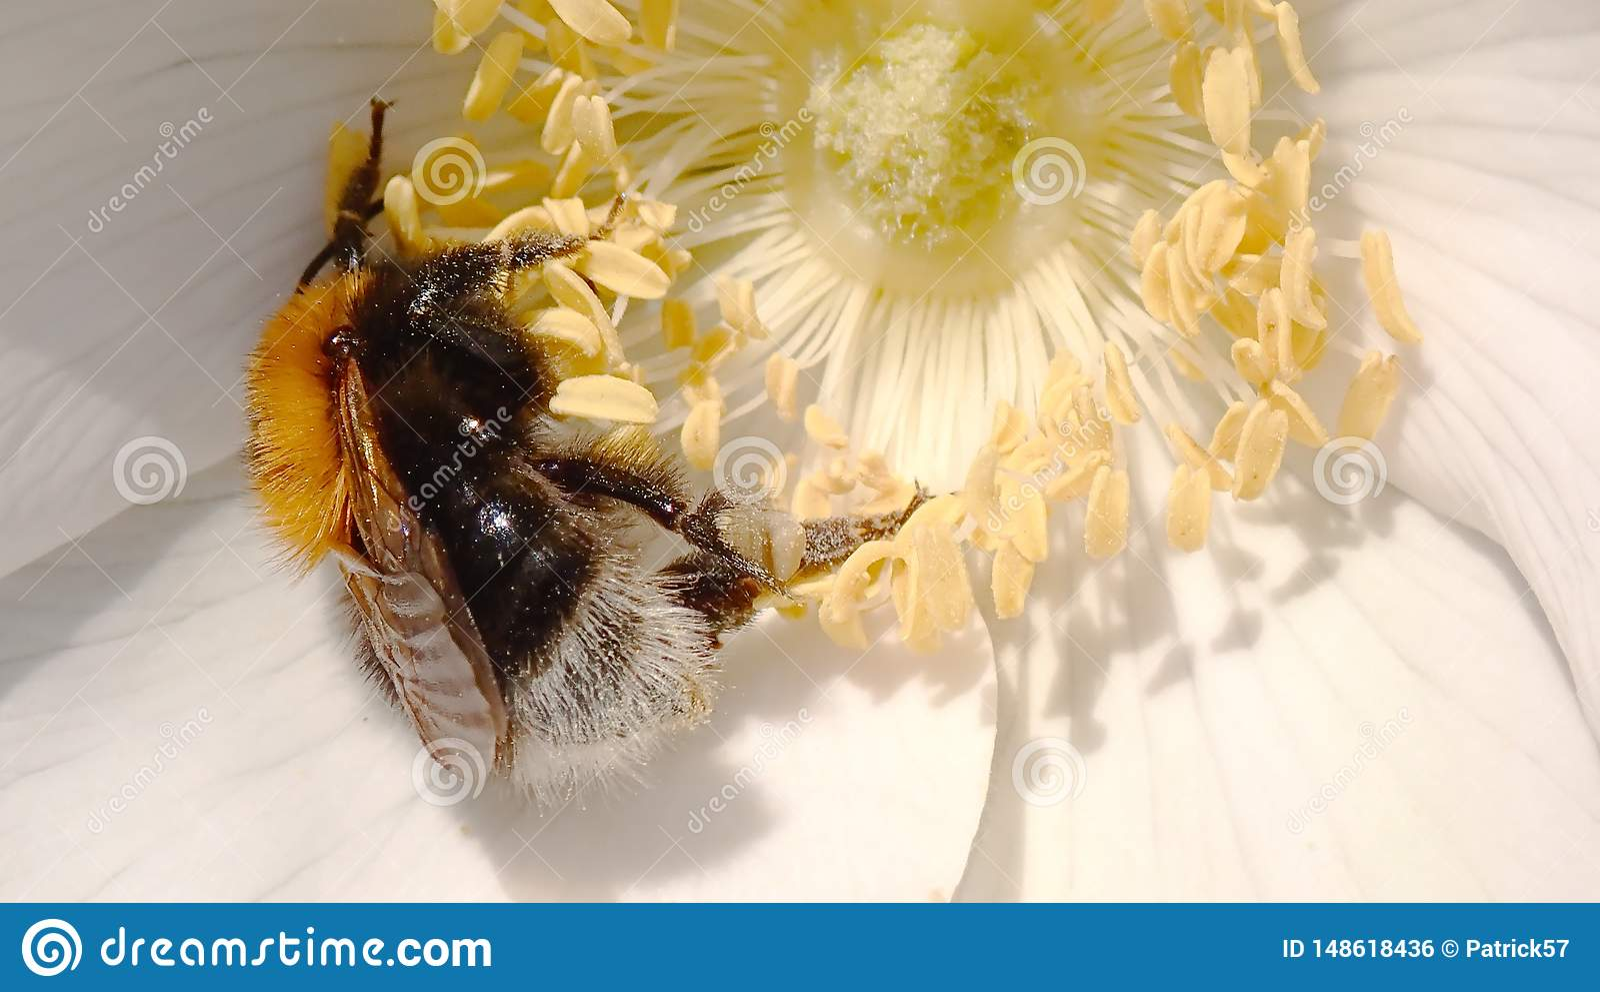 Bombus hypnorum or Tree Bumble Bee.